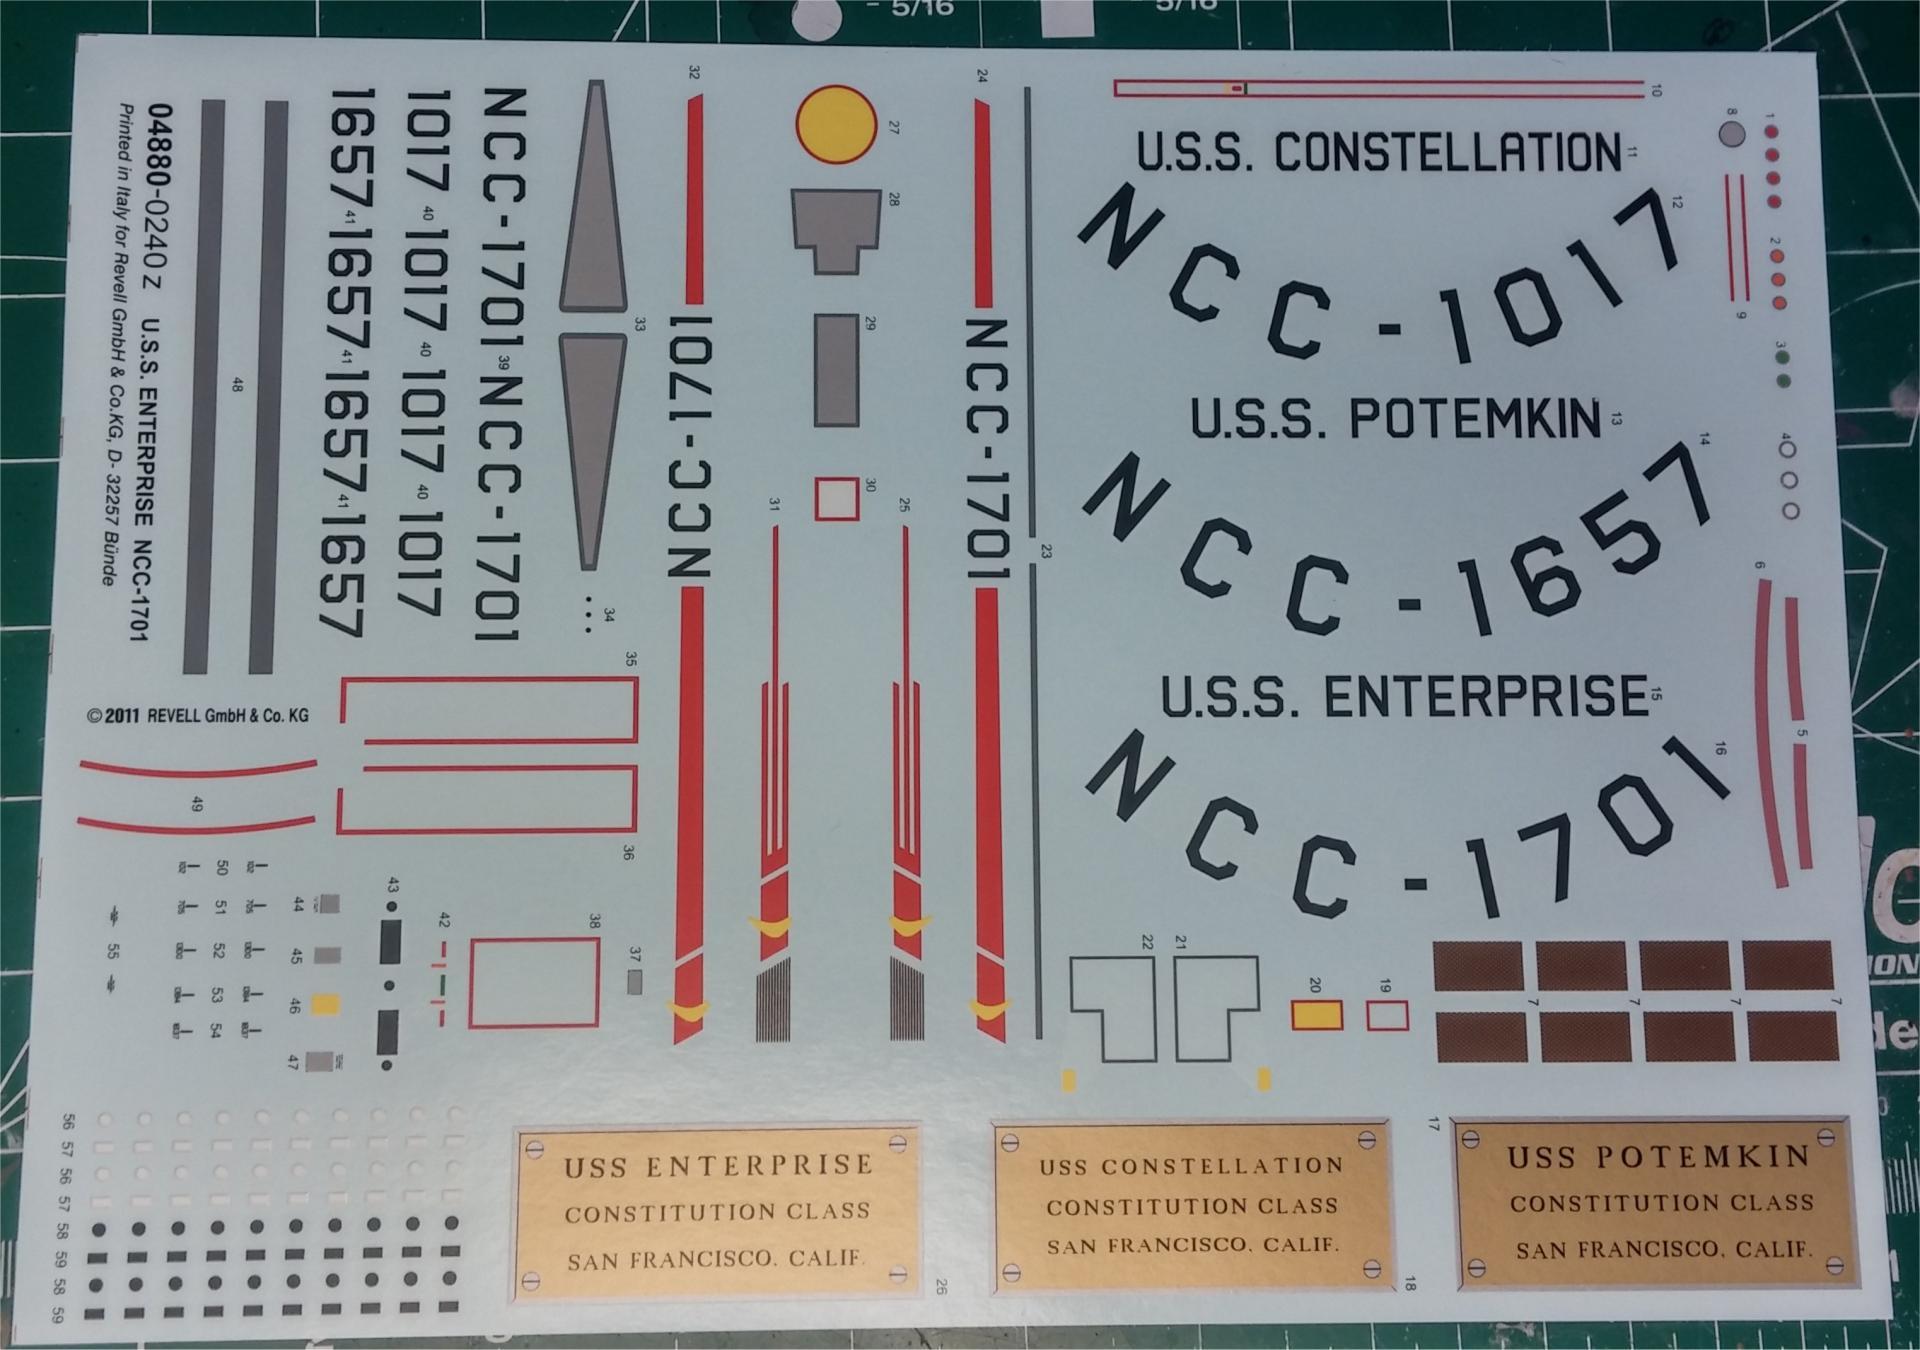 Starship_05.thumb.jpg.a91fc2e48e4a39408f788534df94a051.jpg